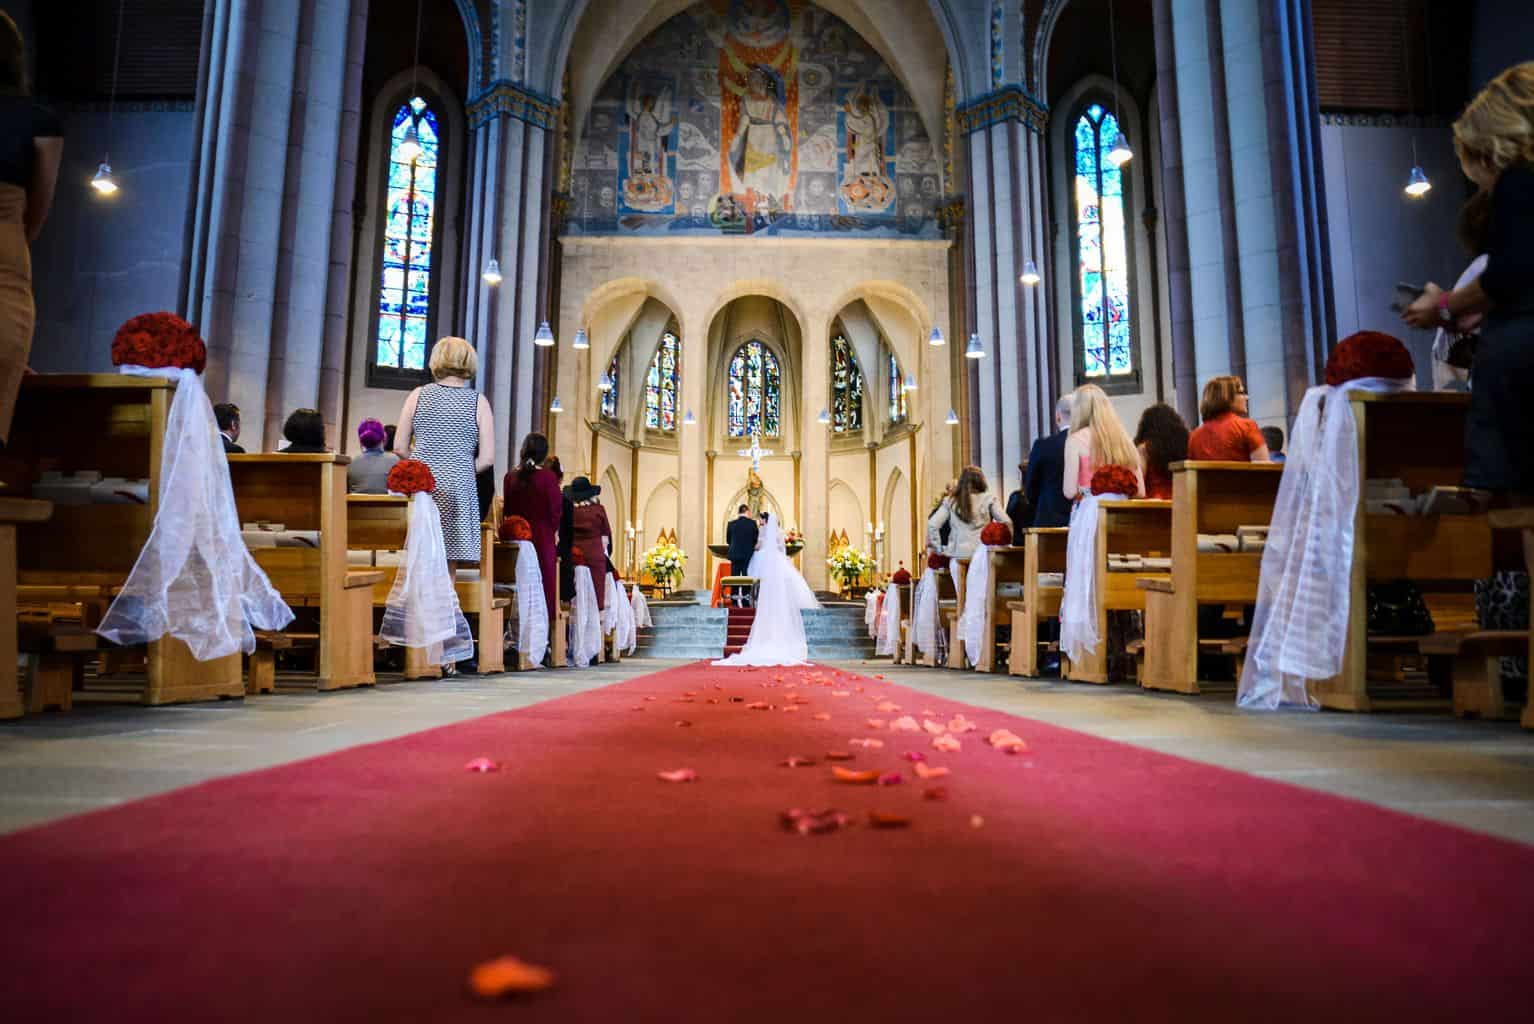 CroArts Hochzeitsreportage in Düsseldorf: Trauung